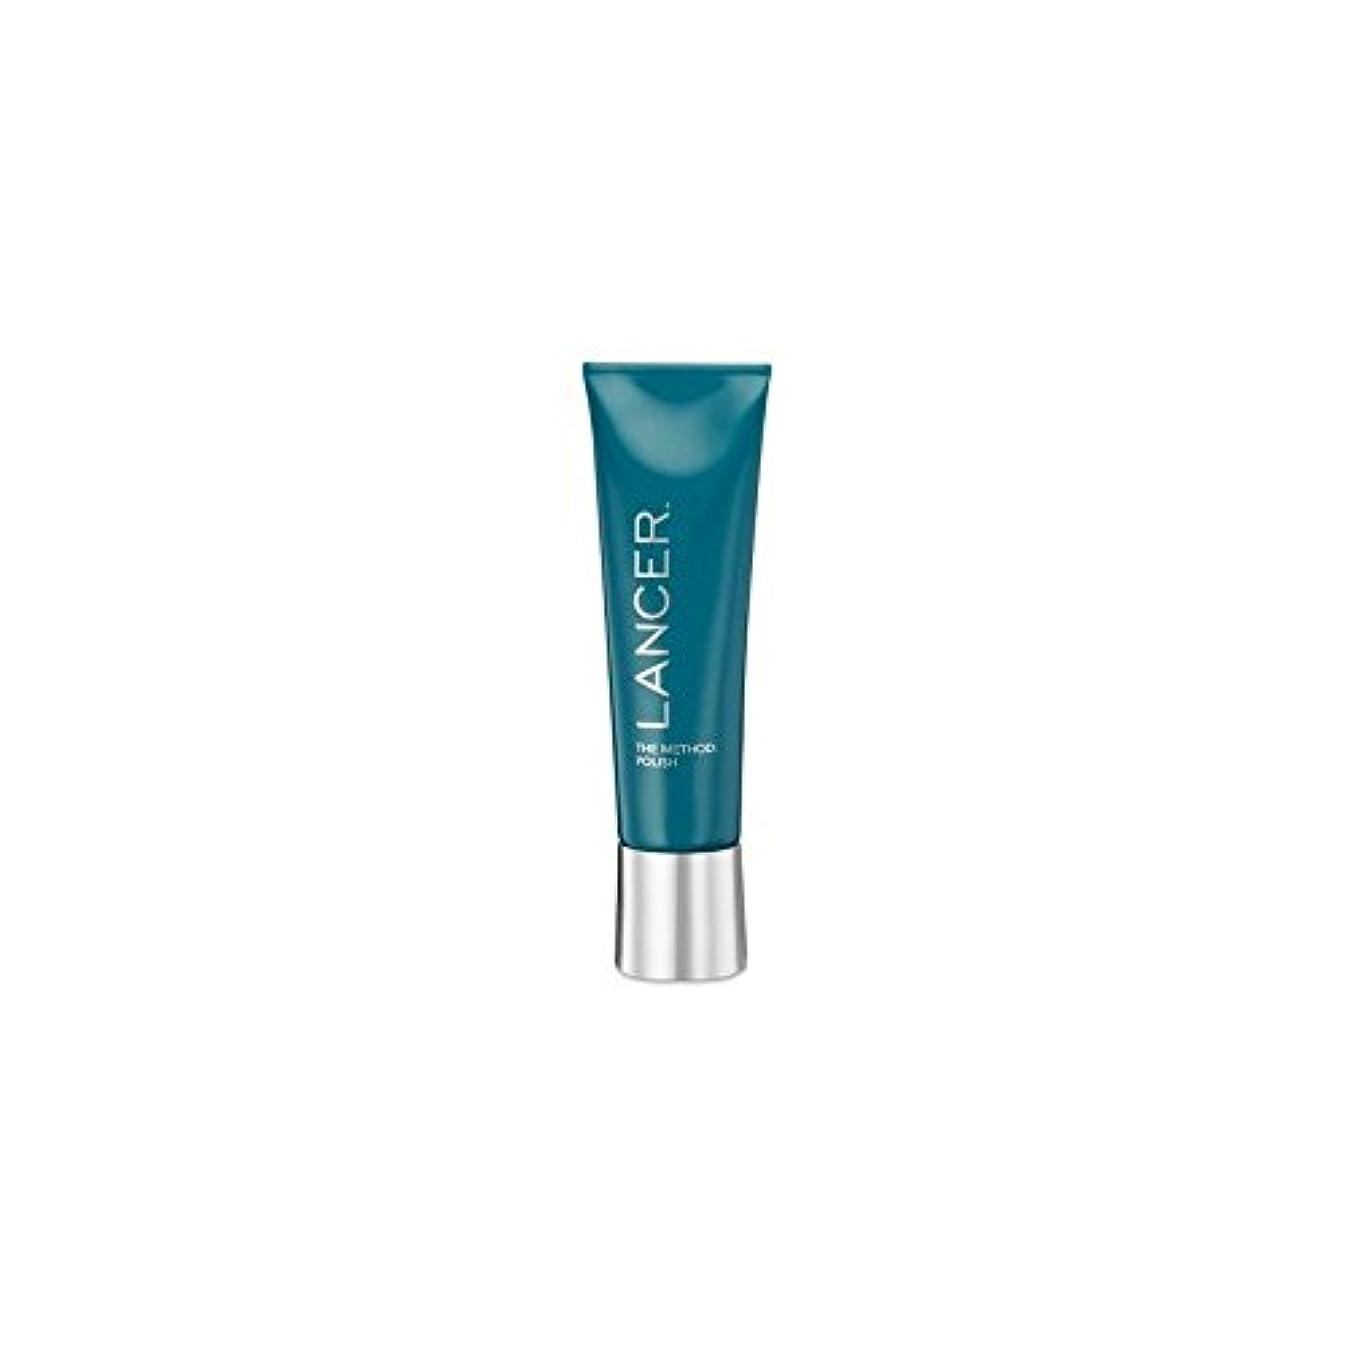 ホット困難予備Lancer Skincare The Method: Polish (120G) (Pack of 6) - ポリッシュ(120グラム):ランサーは、メソッドをスキンケア x6 [並行輸入品]